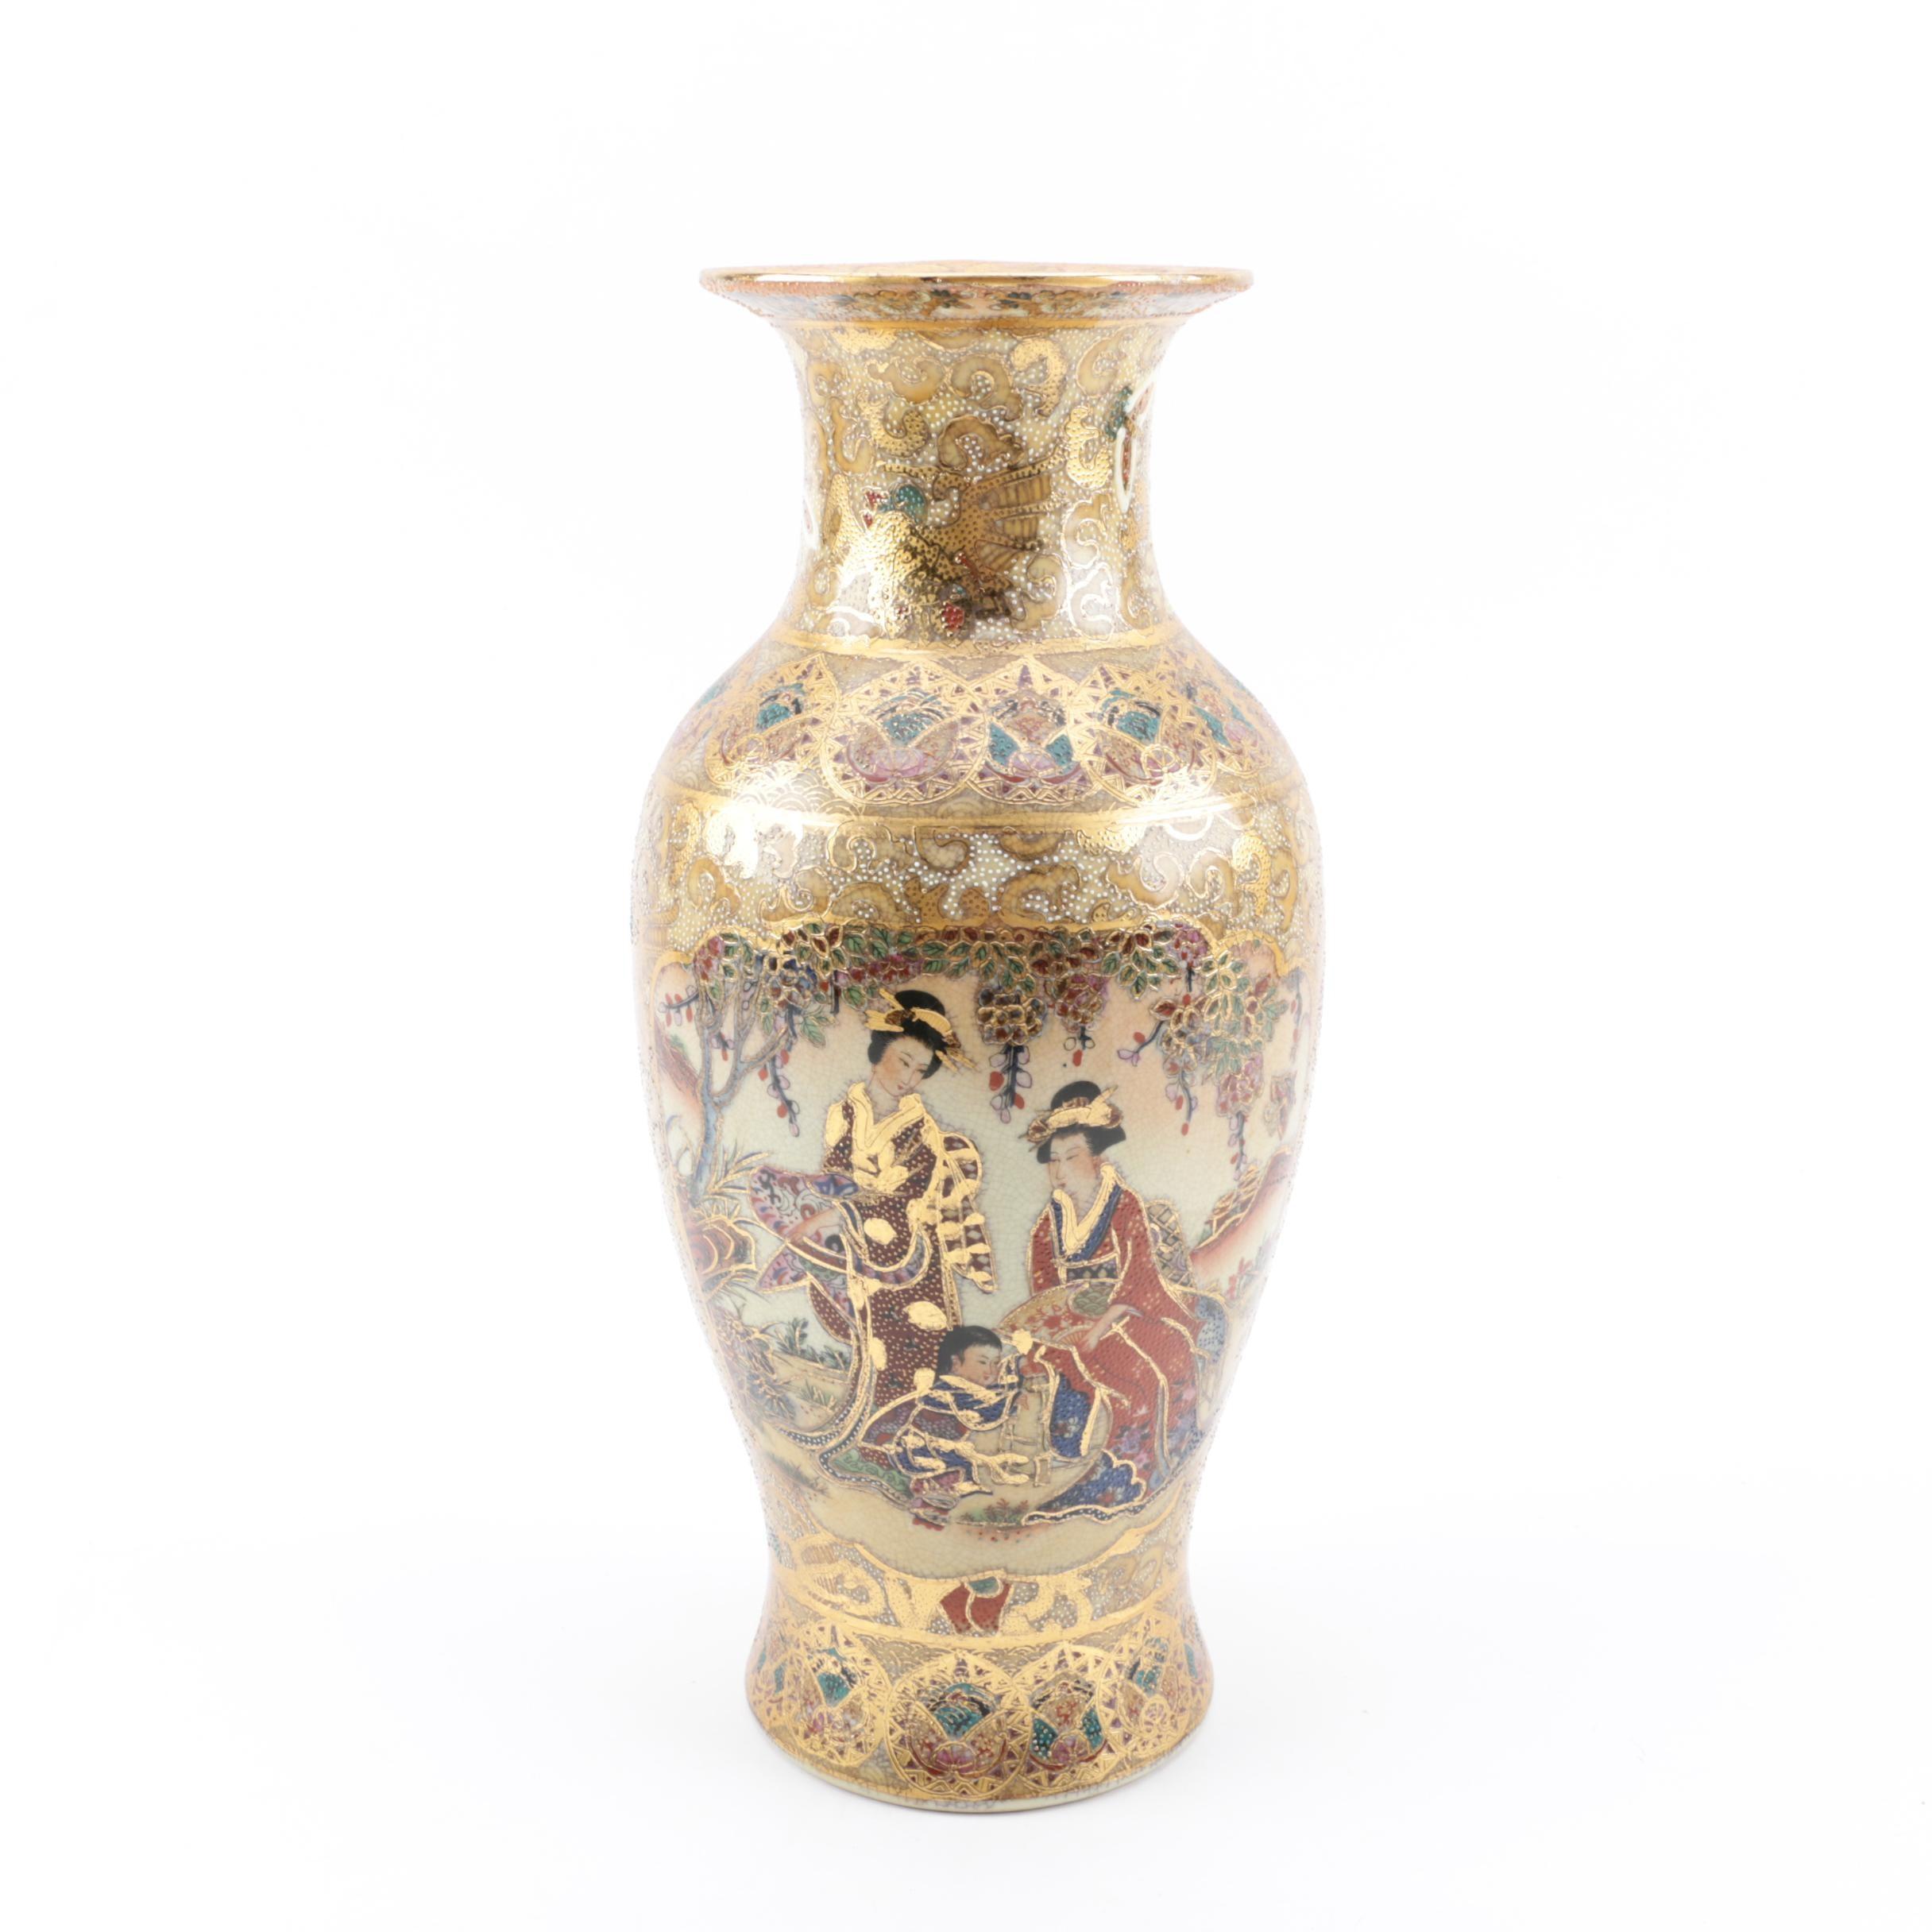 Chinese Royal Satsuma Hand-Painted Porcelain Vase